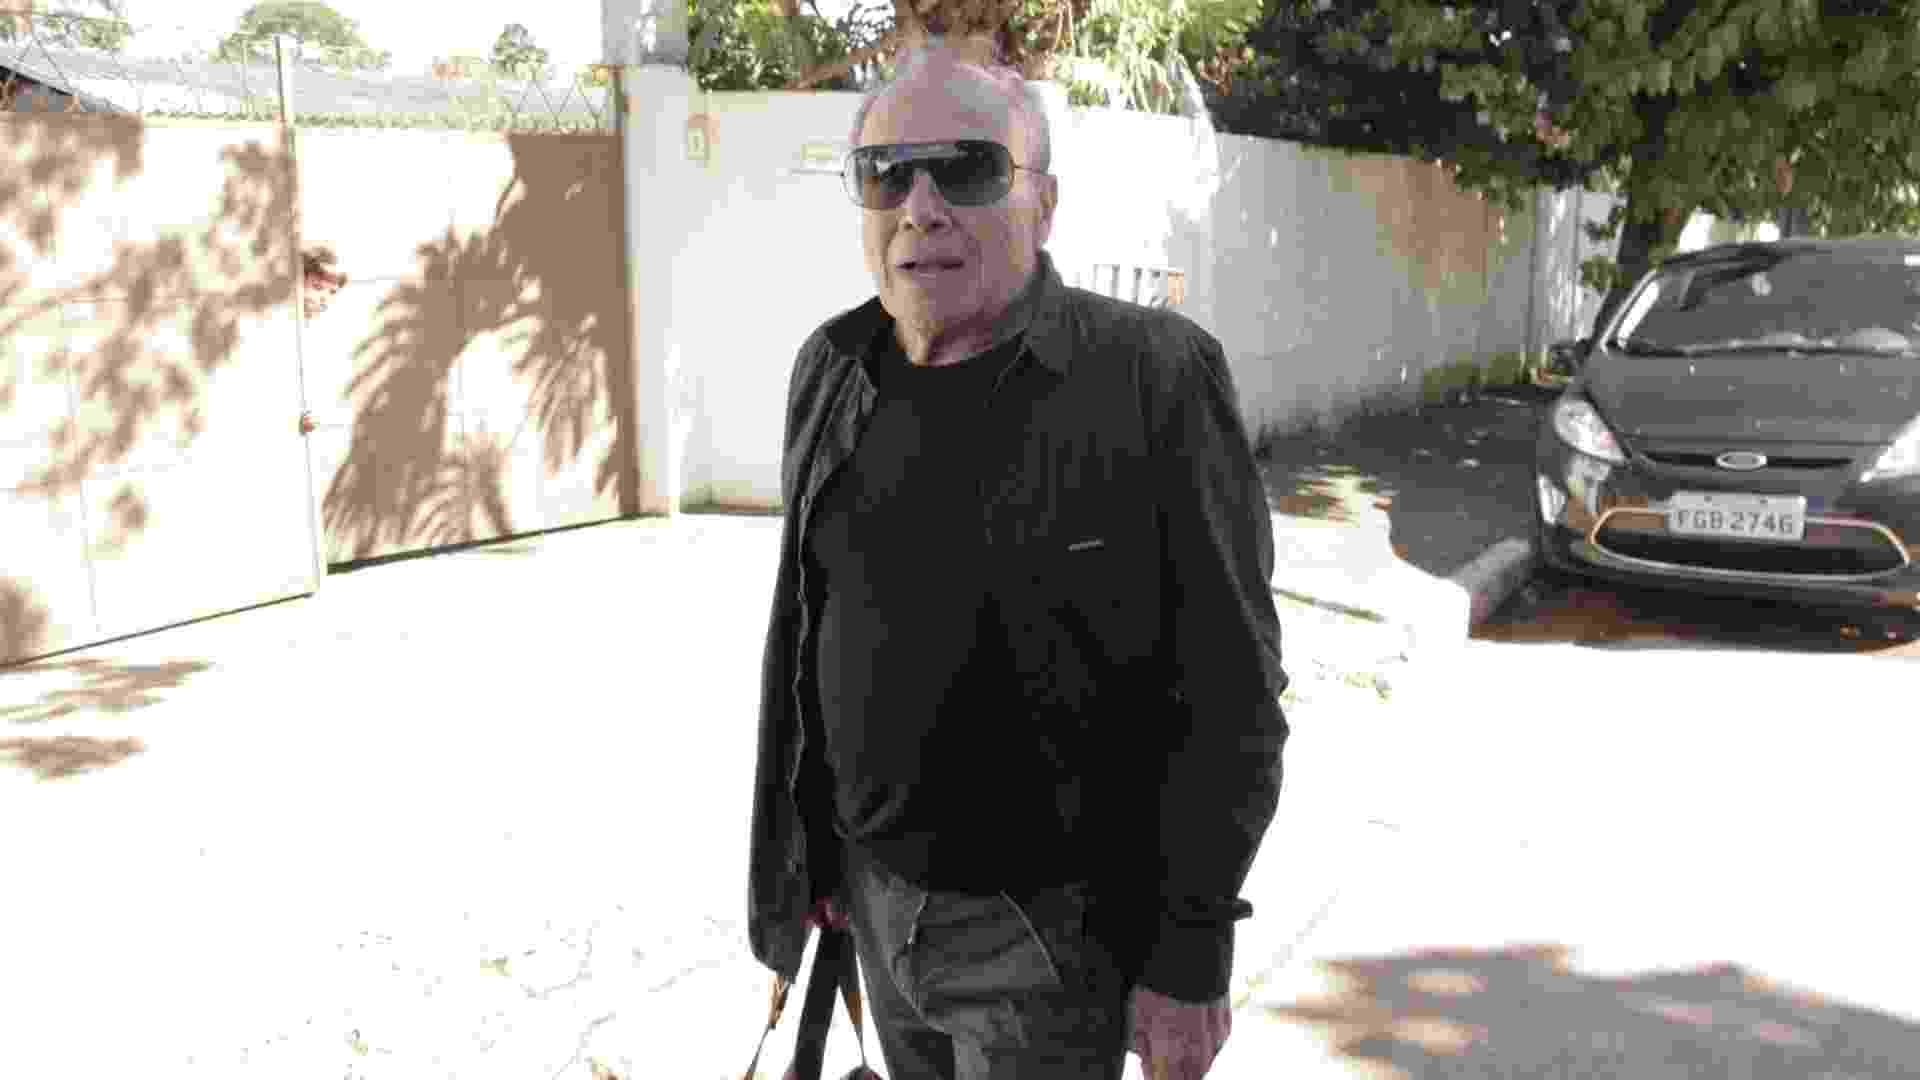 16.abr.2013 - Stênio Garcia chega ao velório da atriz Cleyde Yáconis, com quem foi casado por 11 anos - Fabiano Cerchiari/UOL